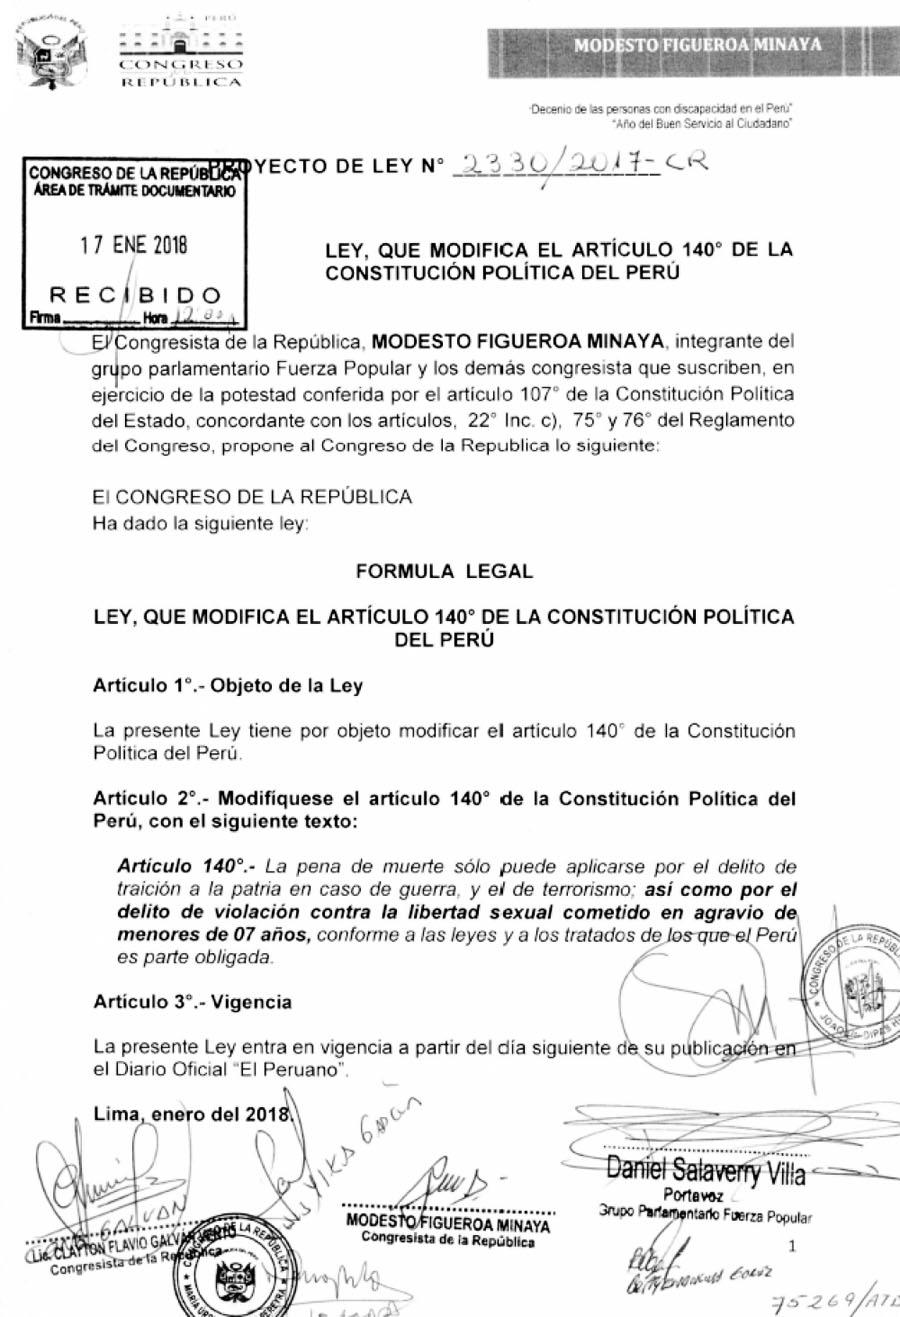 Proyecto de Ley N°2330 2017-CR